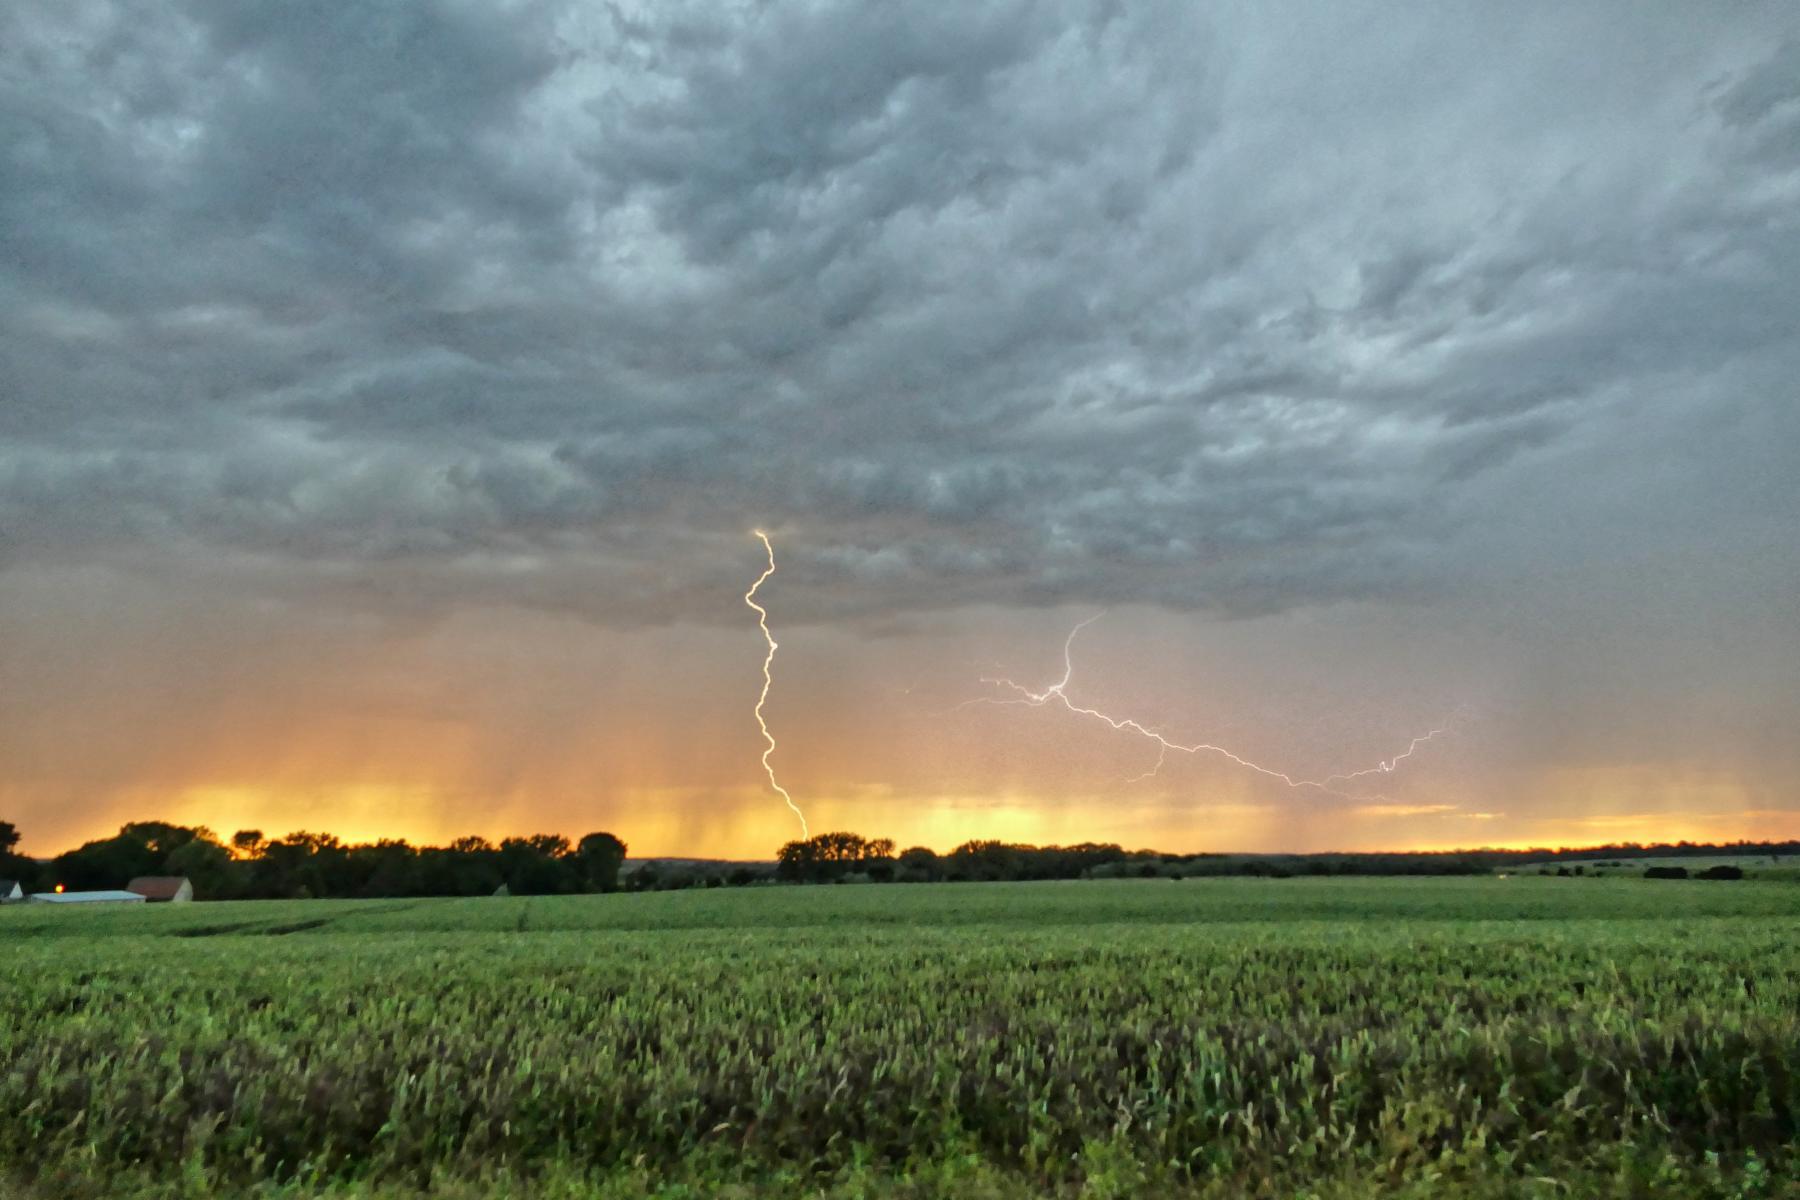 ....... und auch noch ein zweiter Blitz in der Ferne .....